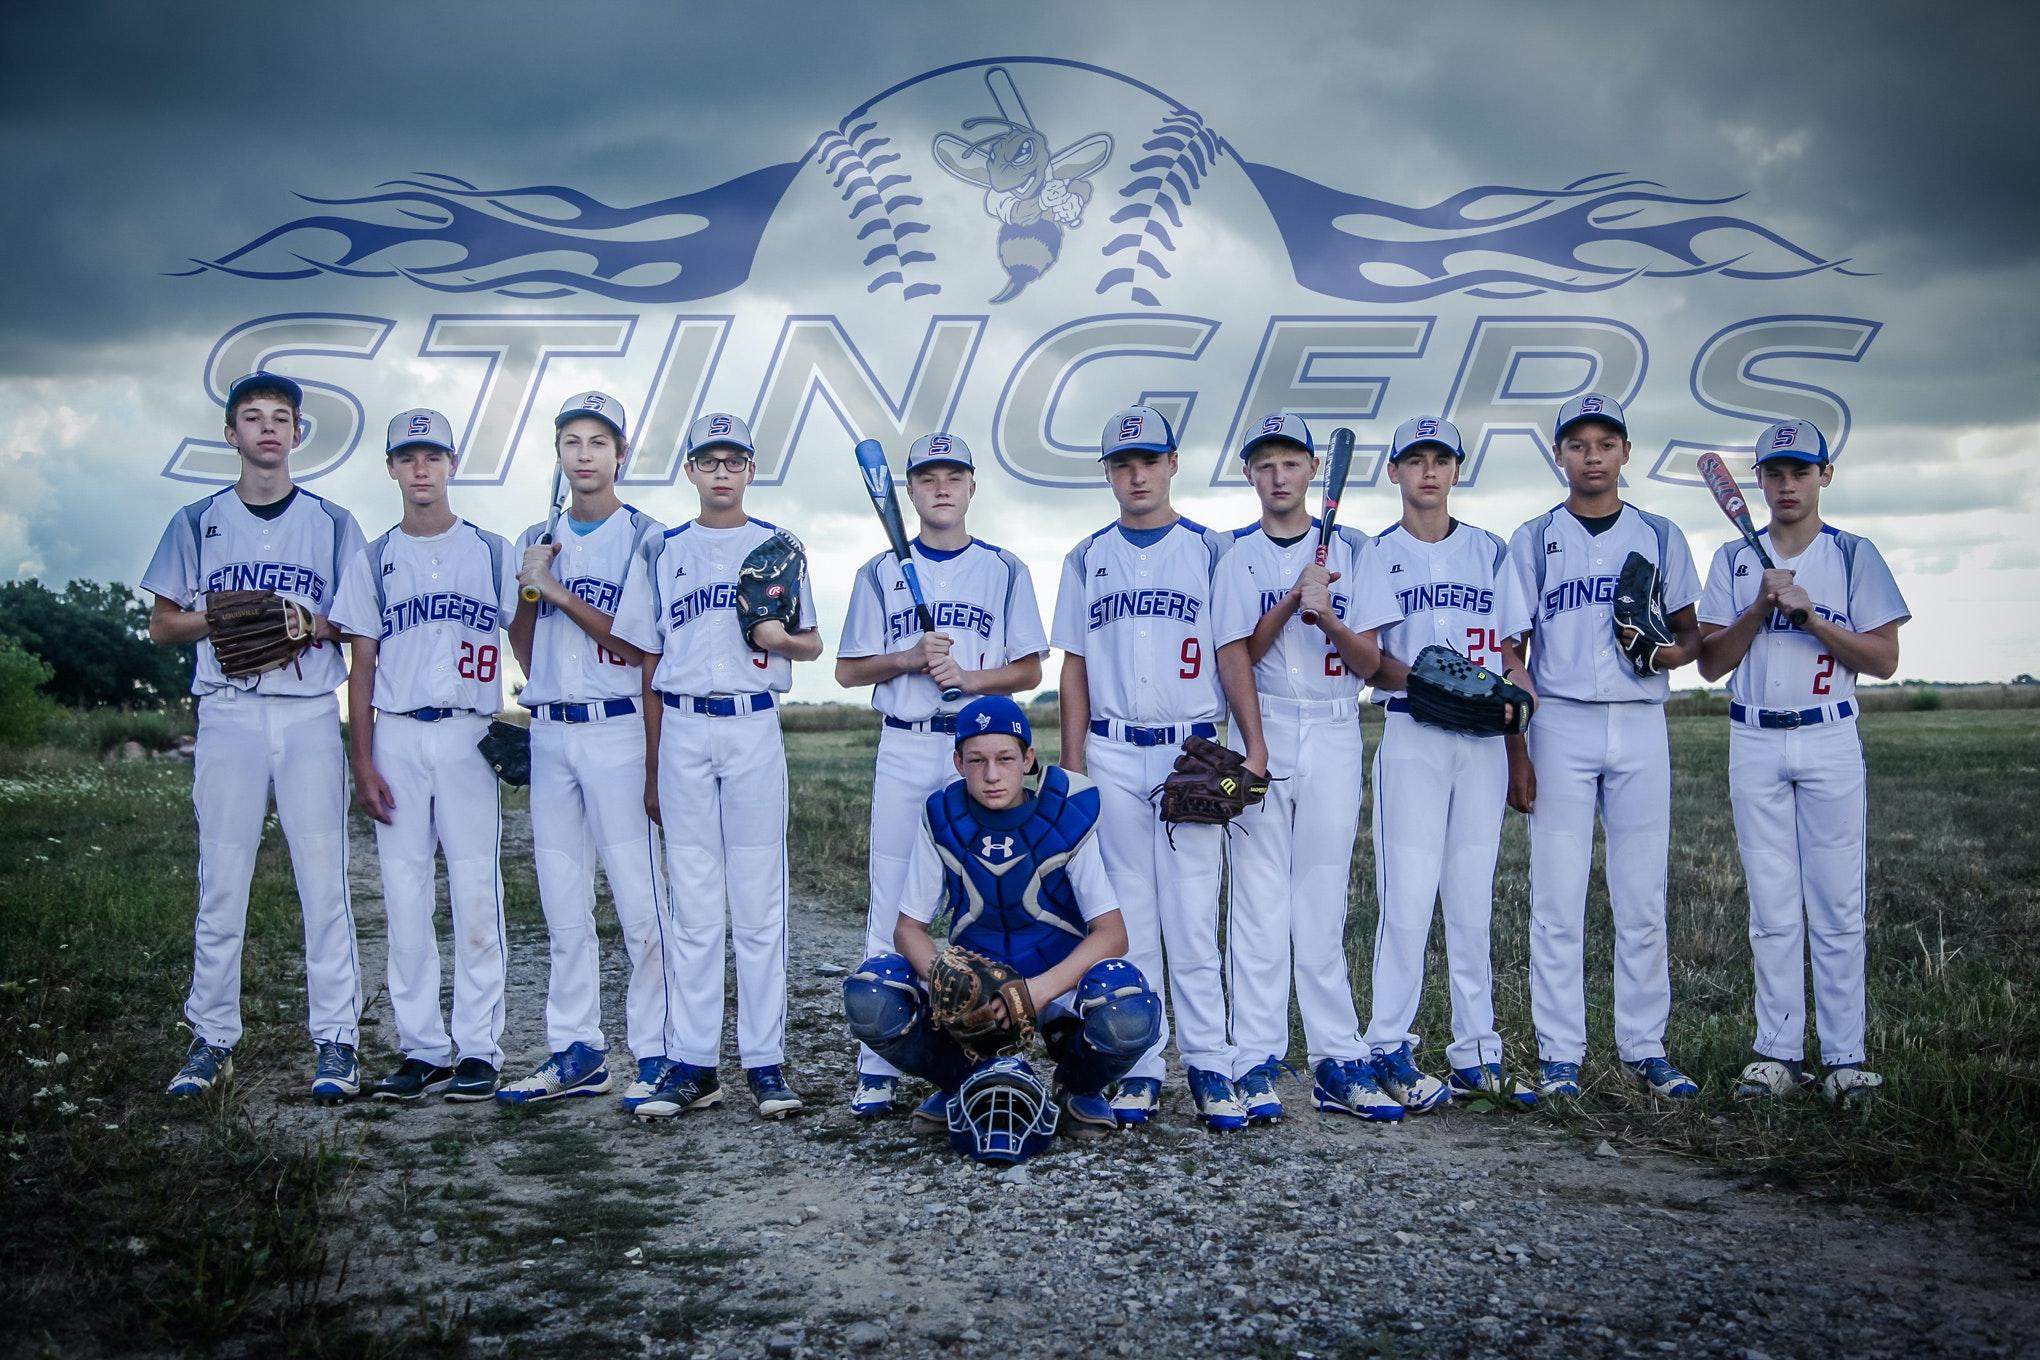 Stingers Baseball Club 14u